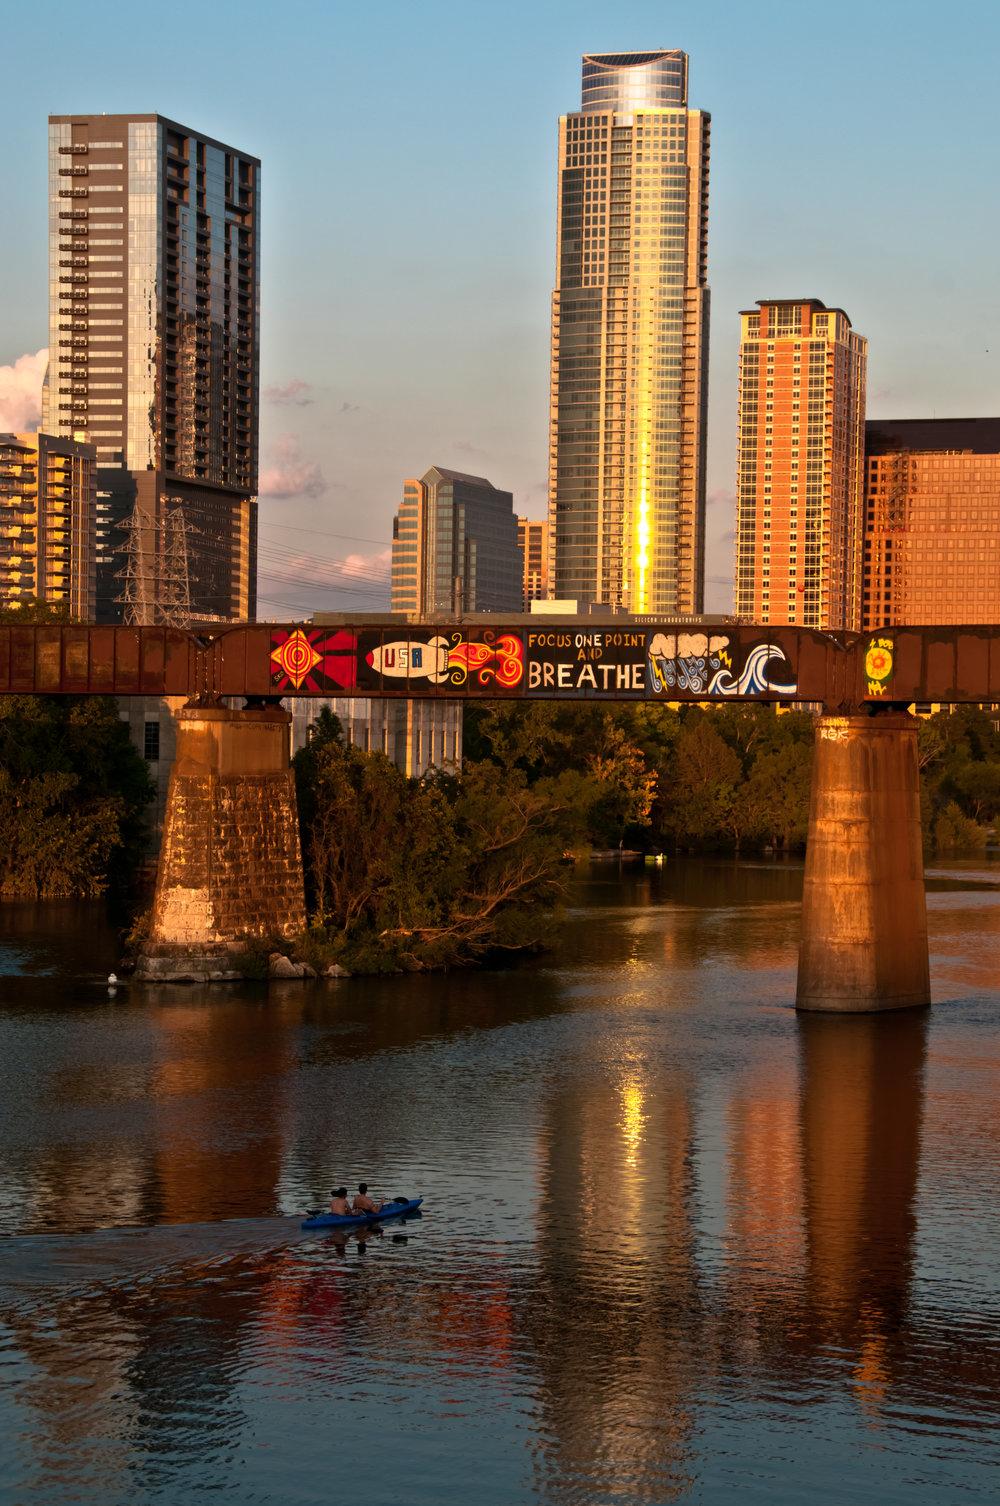 Breathe - Austin, Texas - 2011